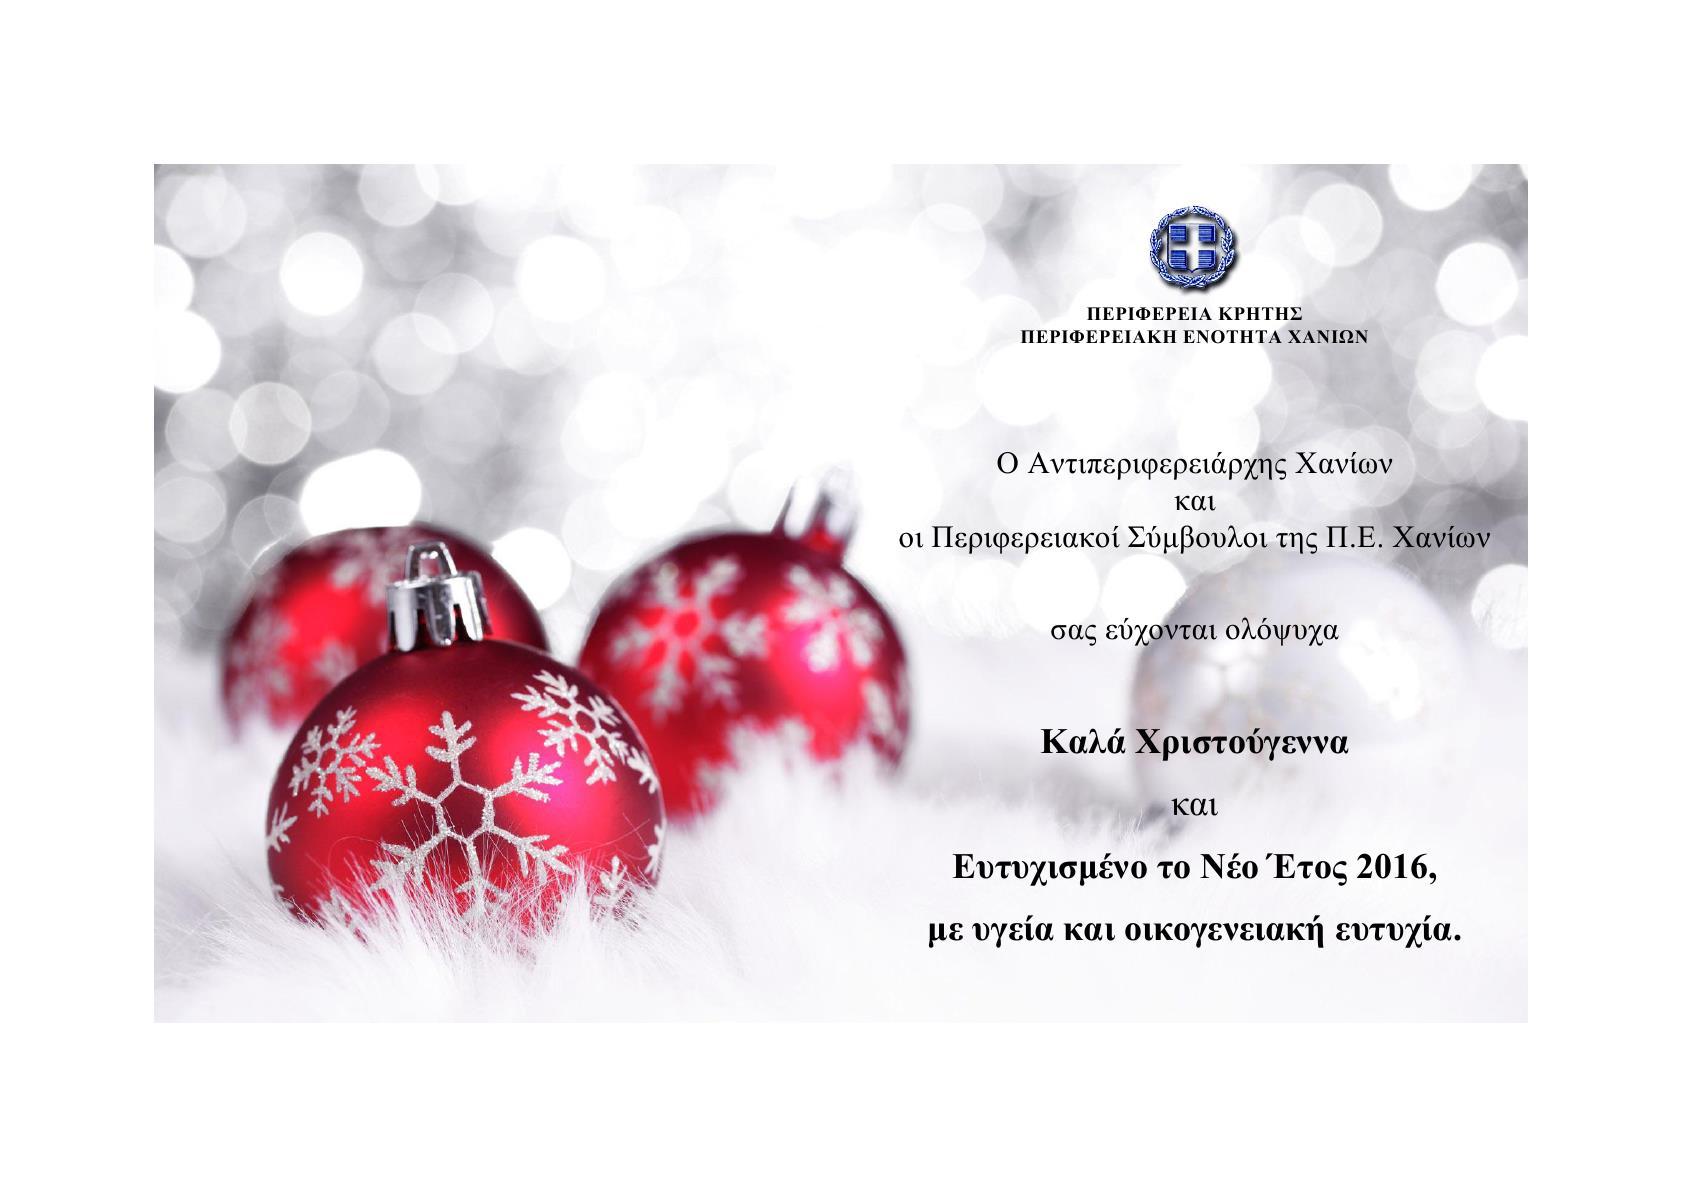 Από την Περιφερειακή Ενότητα Χανίων ευχές για τις εορτές και τη νέα χρονιά